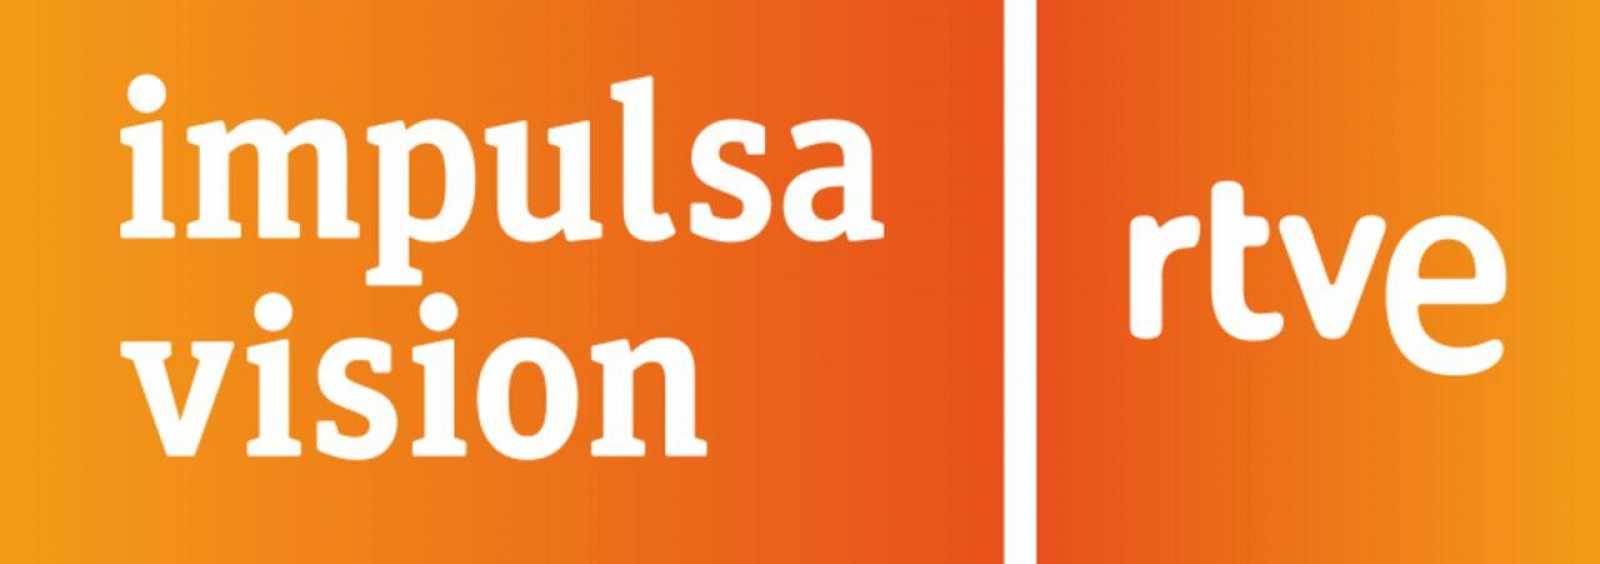 Impulsa Visión, la aceleradora de startups de RTVE, participa en el 4YFN en Barcelona